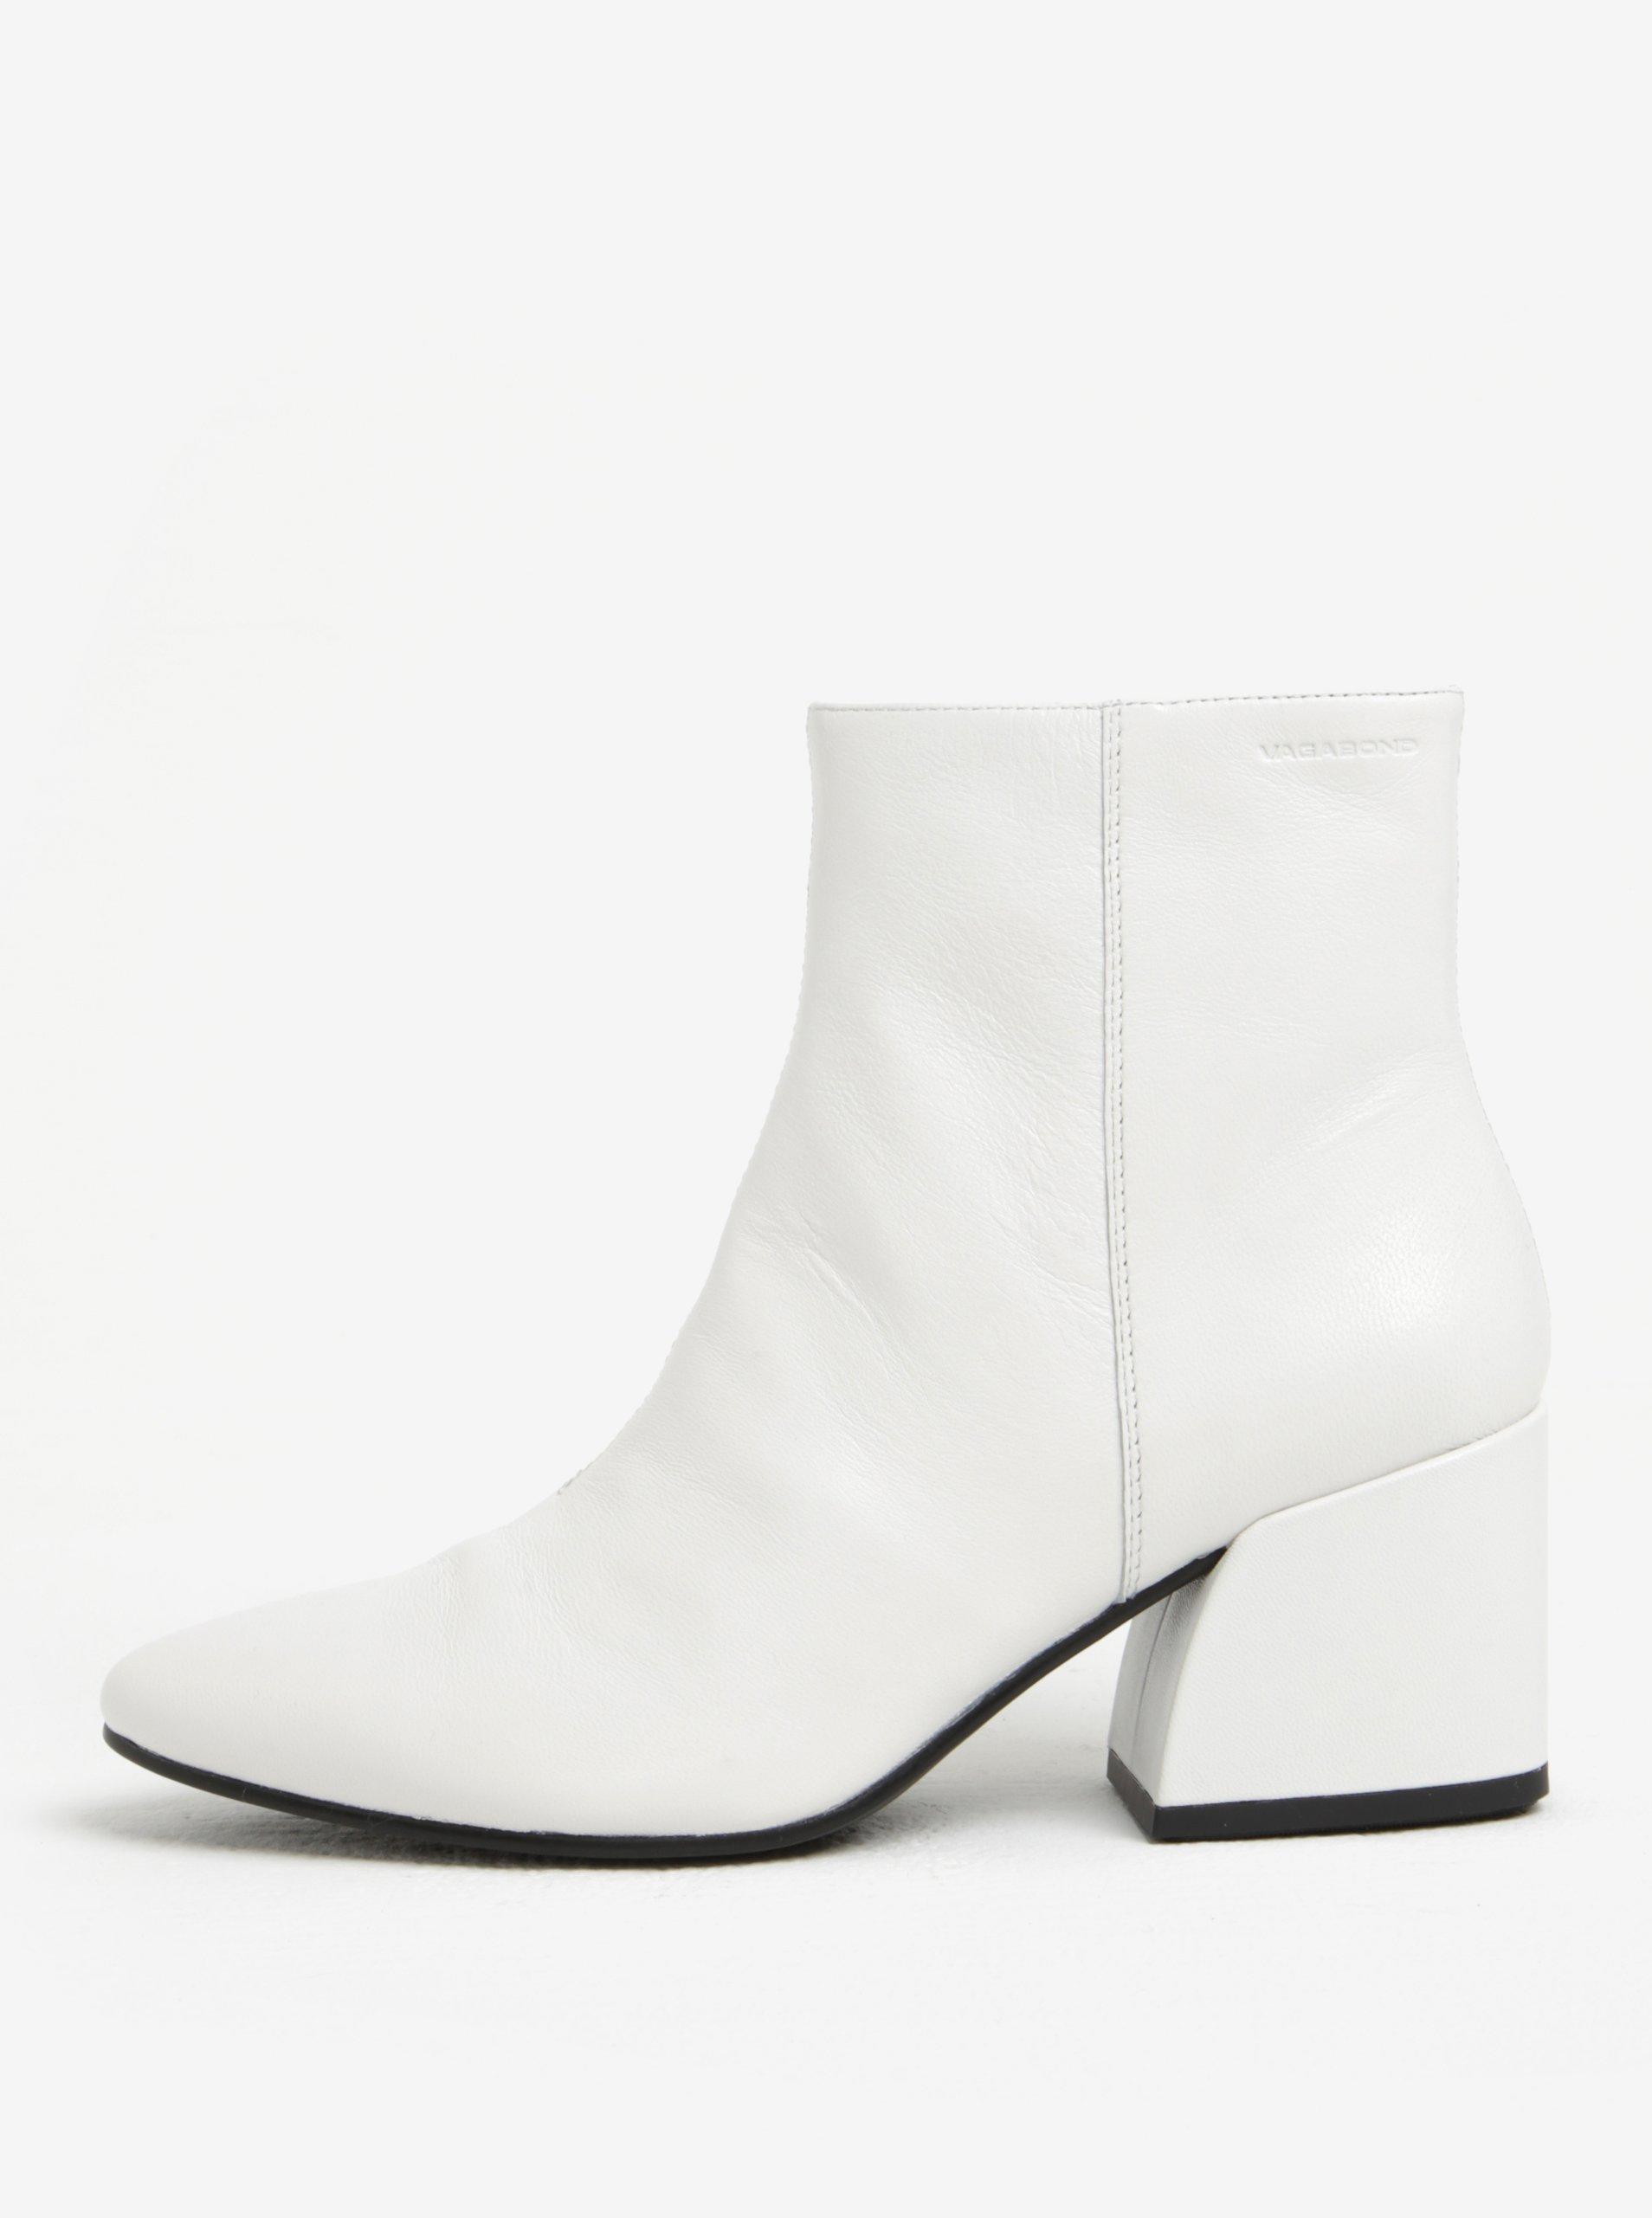 Bílé dámské kožené kotníkové boty na podpatku Vagabond Olivia